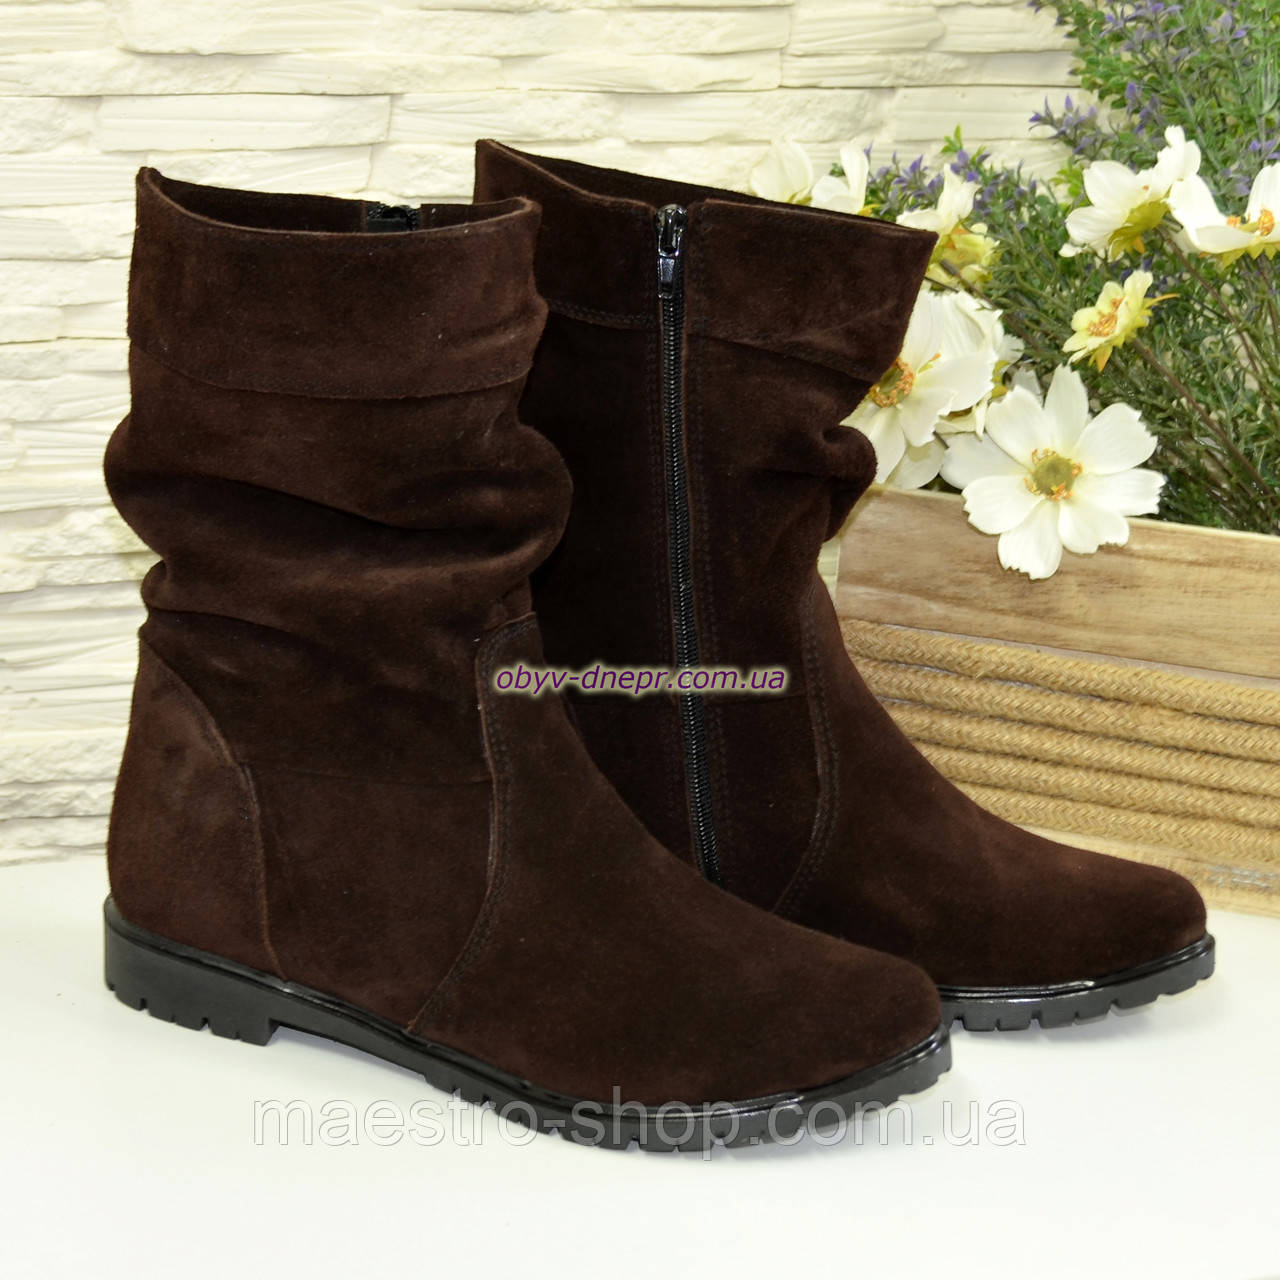 """Жіночі демісезонні коричневі замшеві черевики. ТМ """"Maestro"""""""